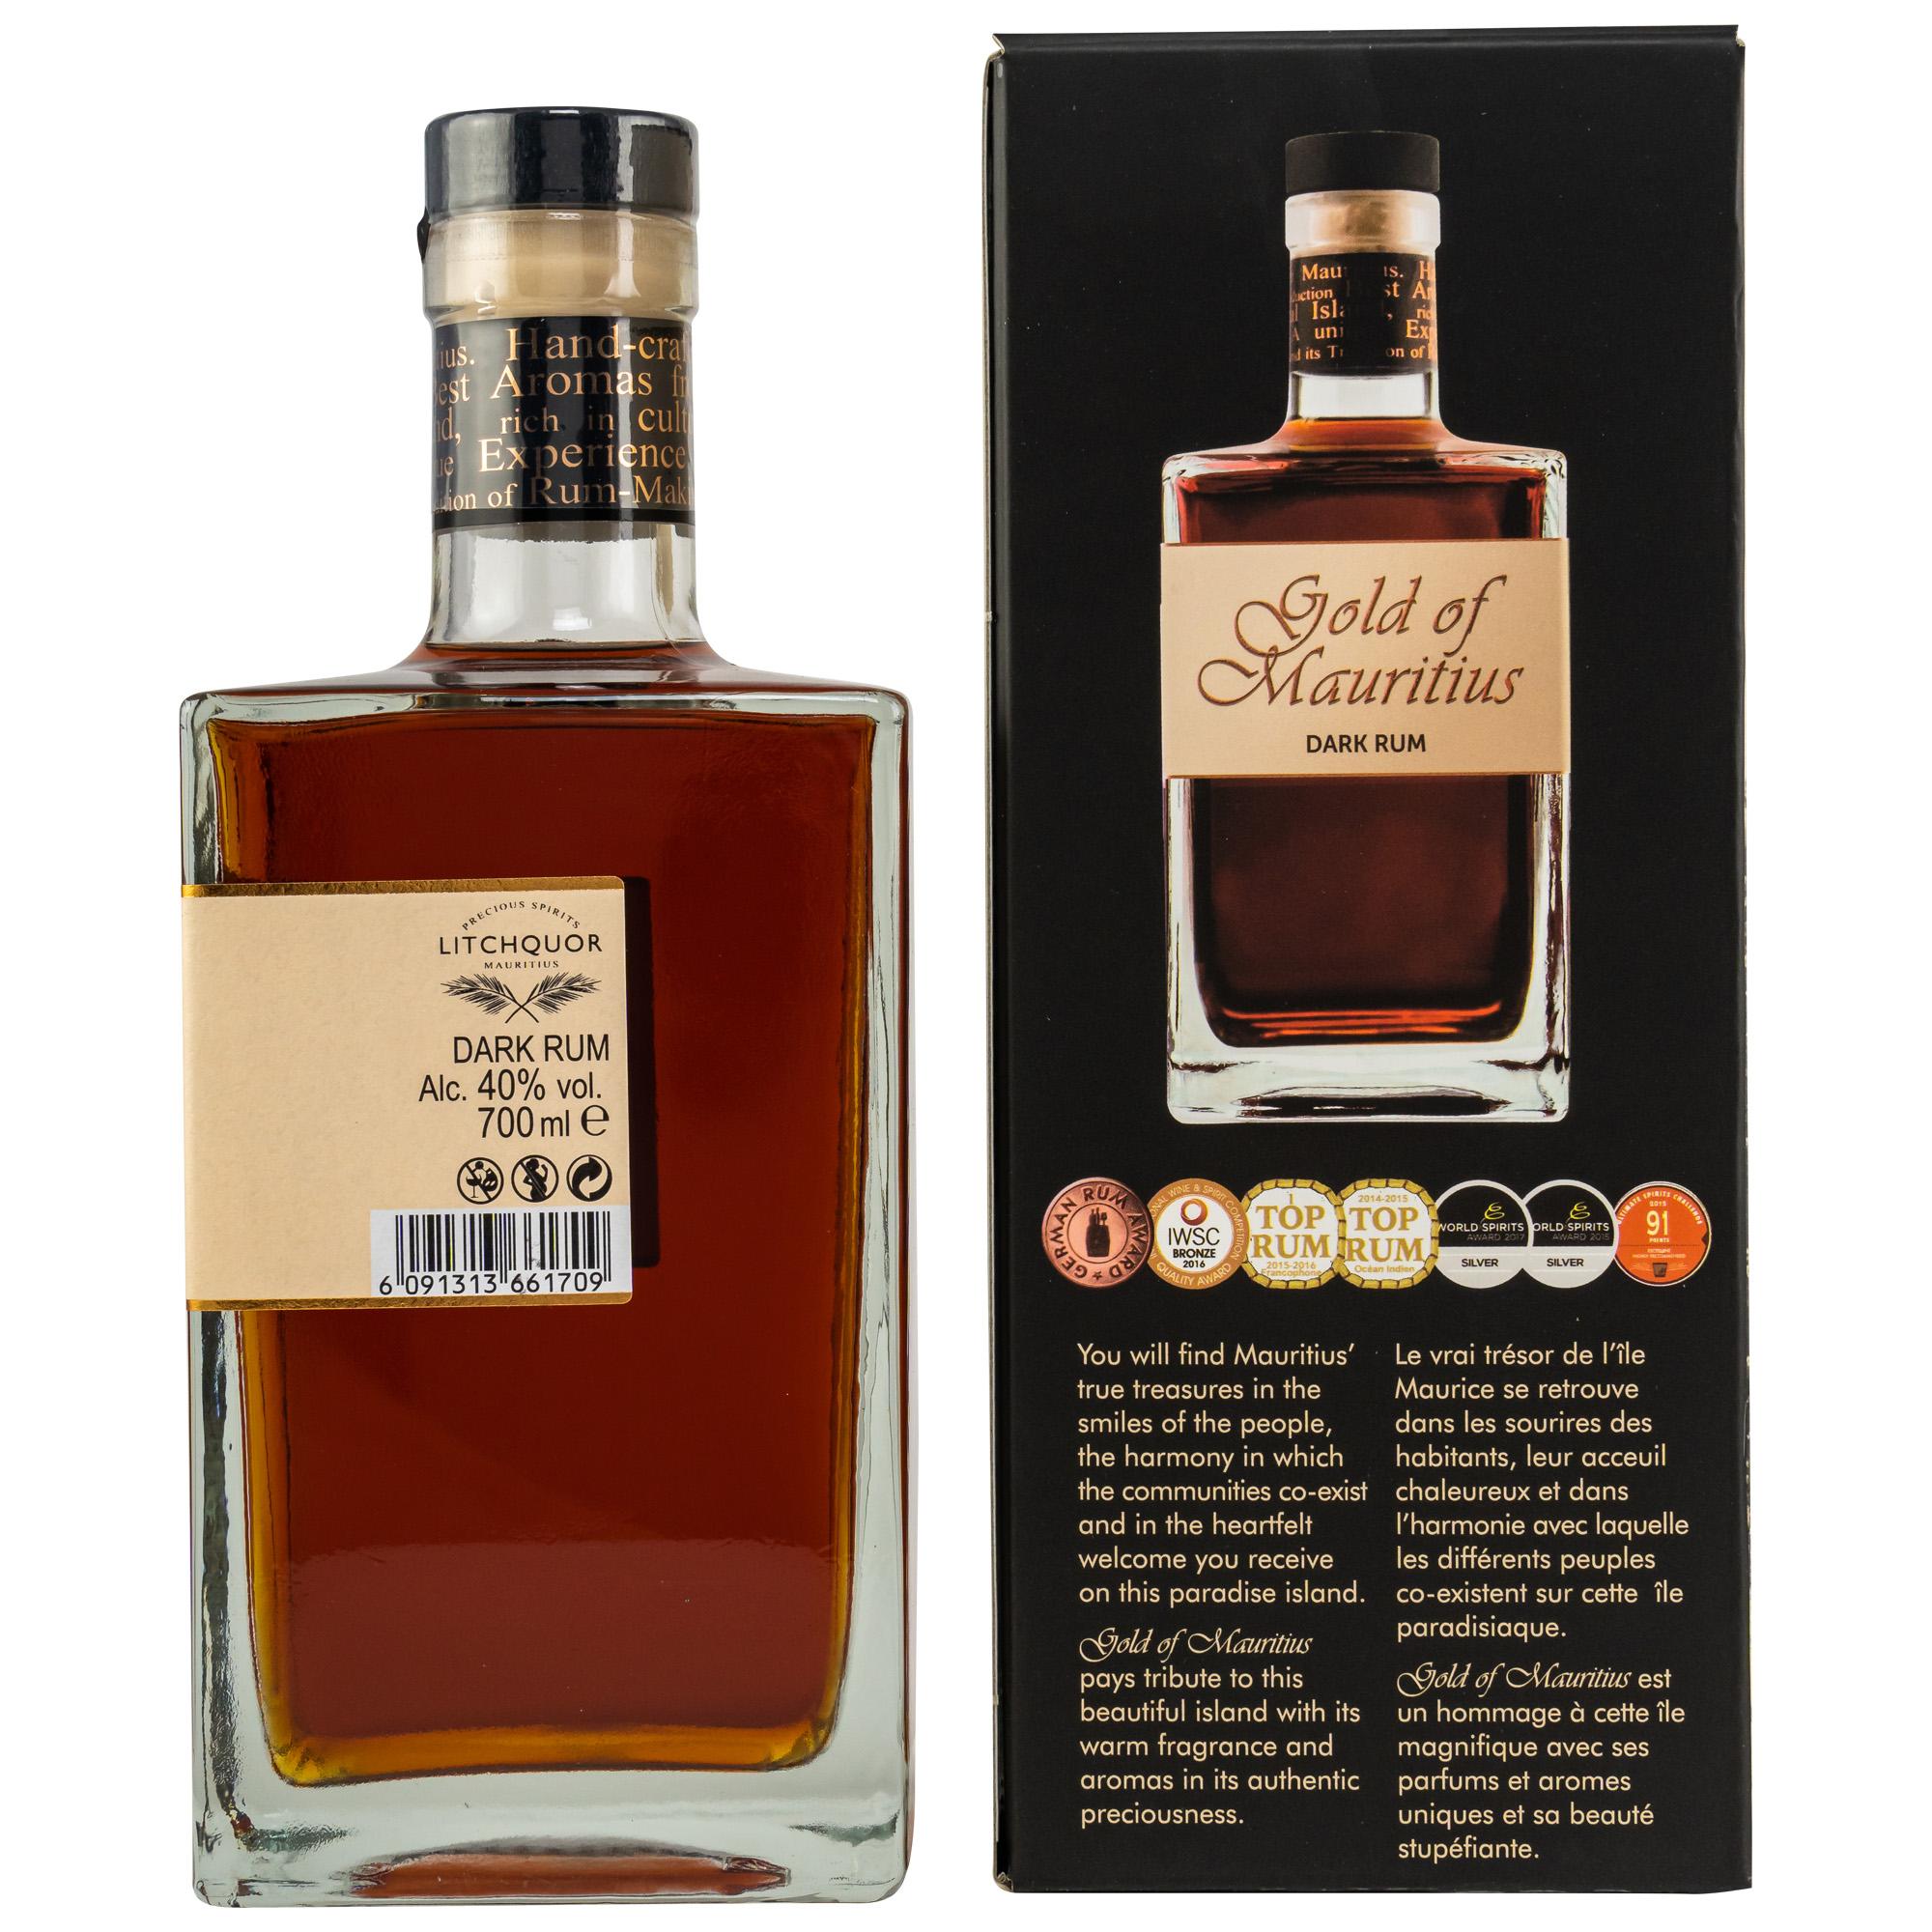 Gold of Mauritius Dark Rum 40% - Mauritius